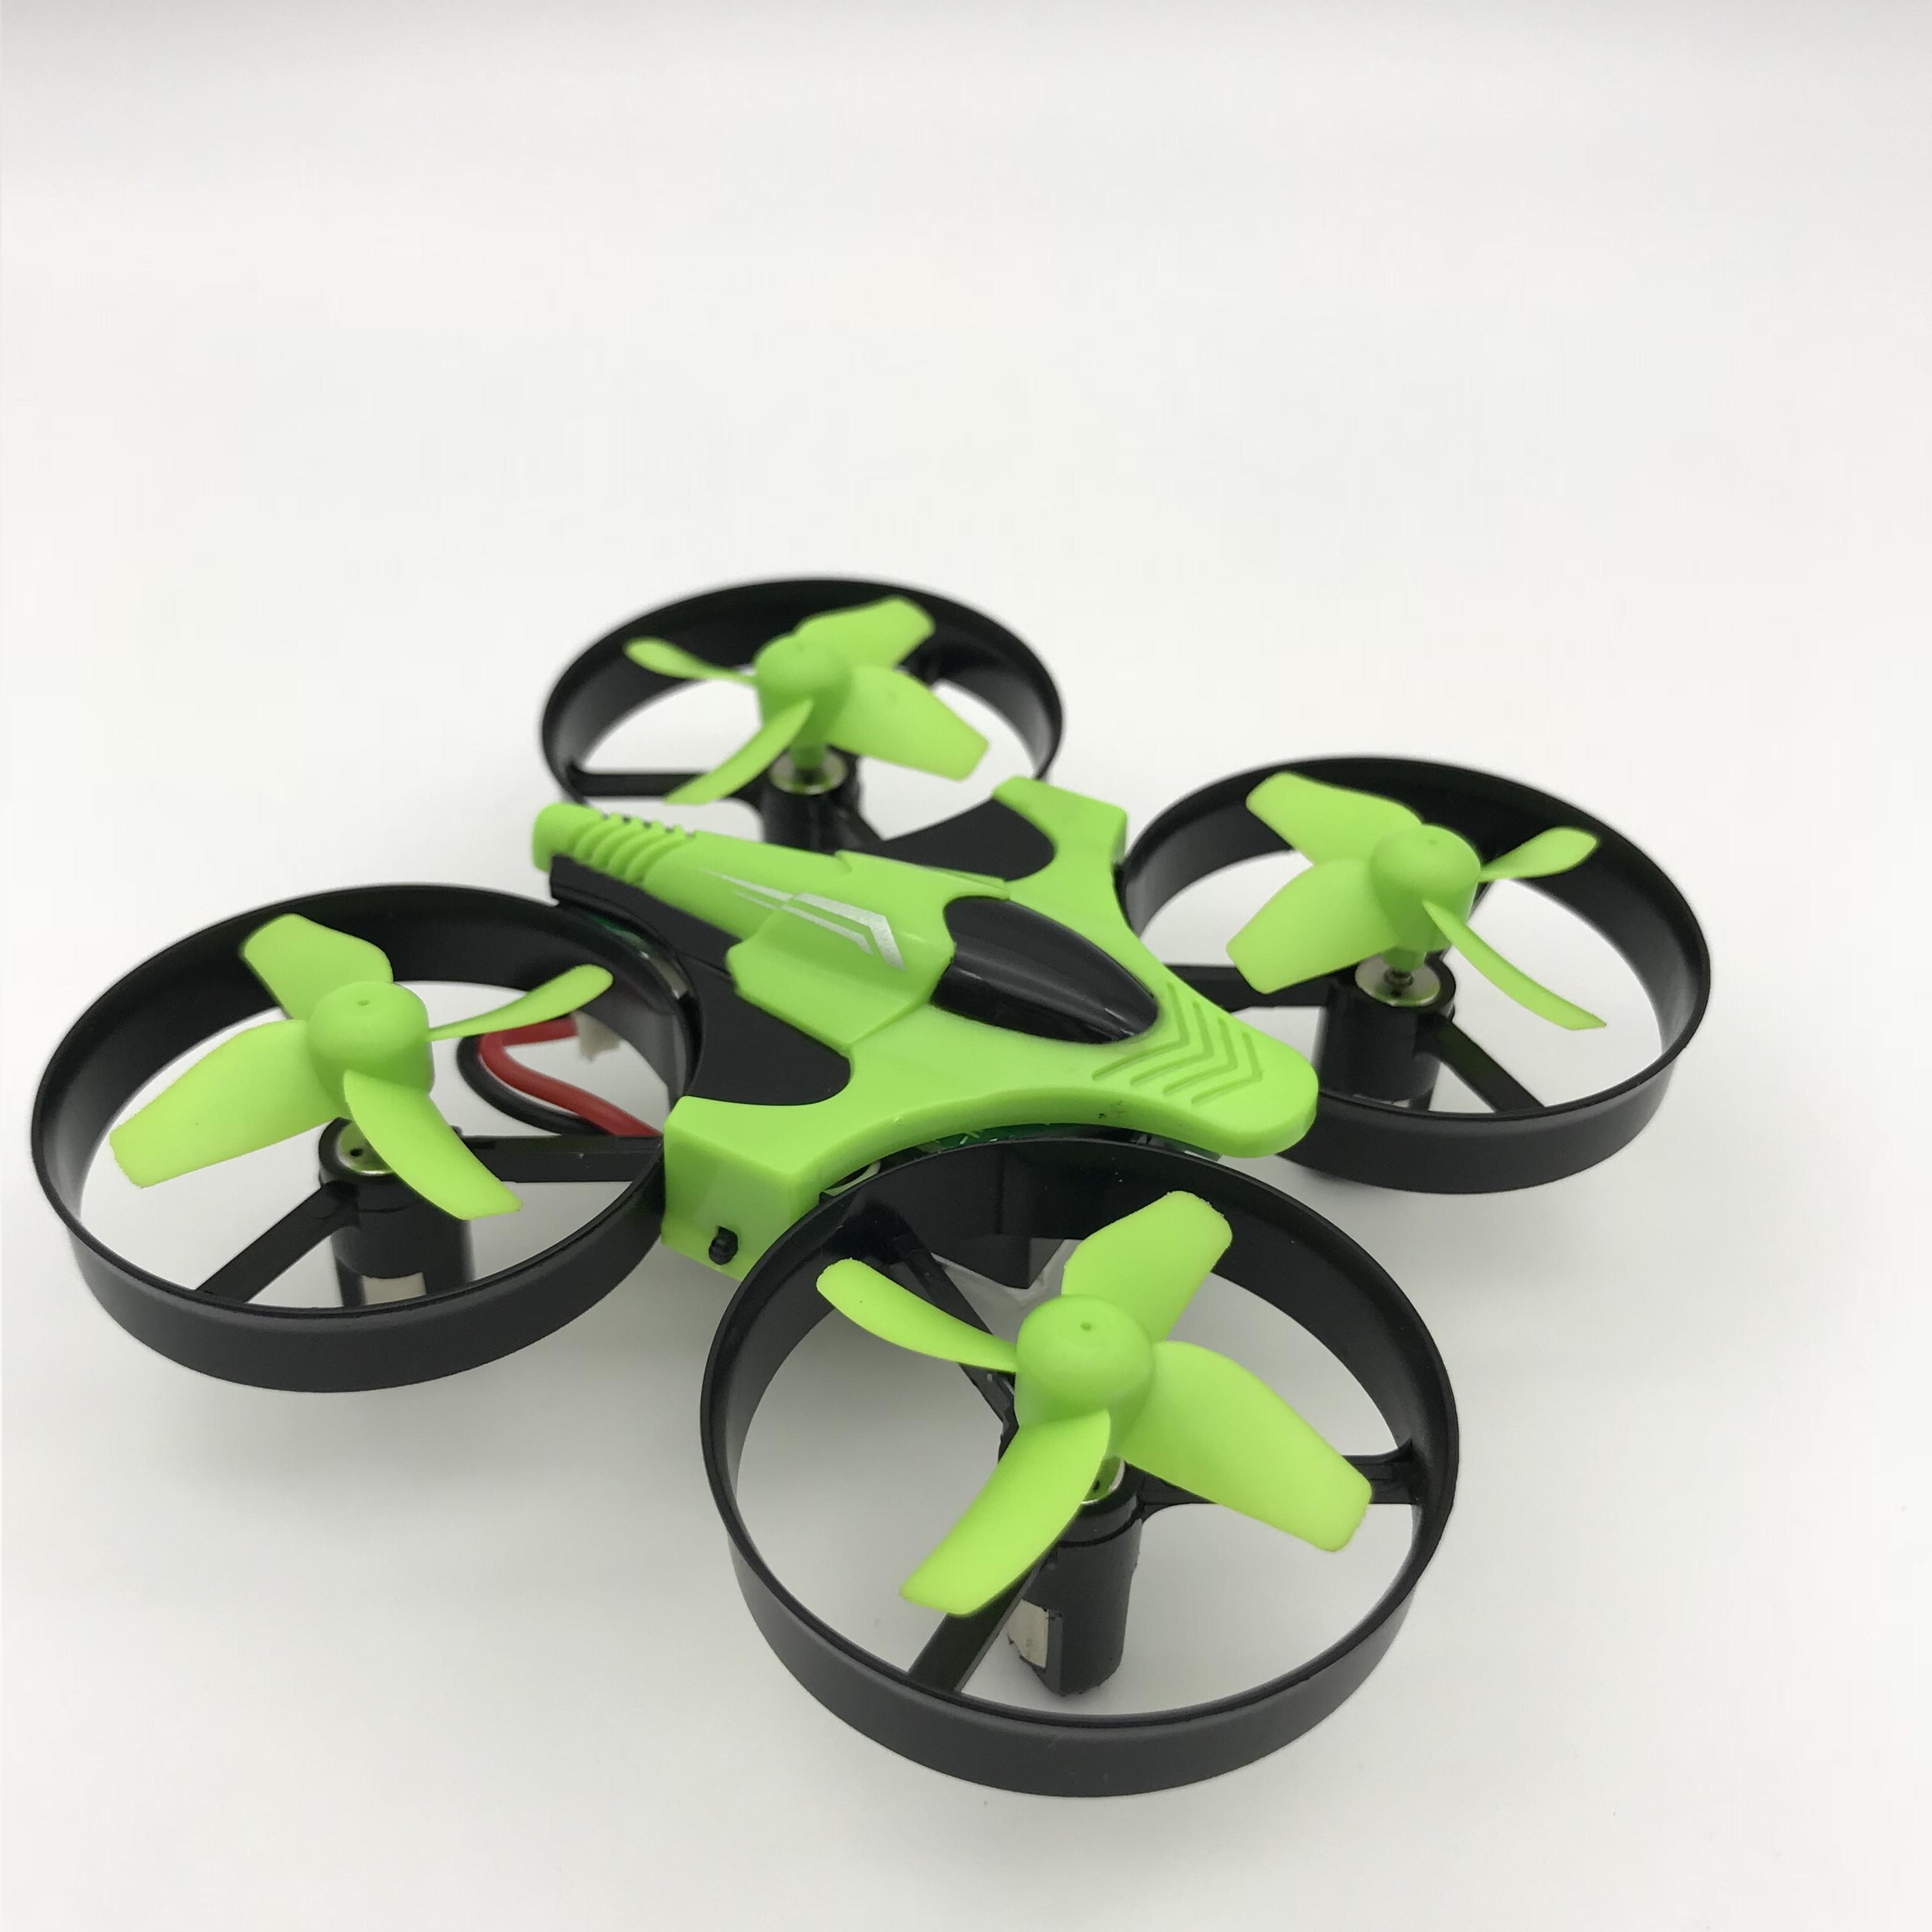 LeConcepts Mini UFO Drone 2 4G Quadcopter SG-F8 (Green